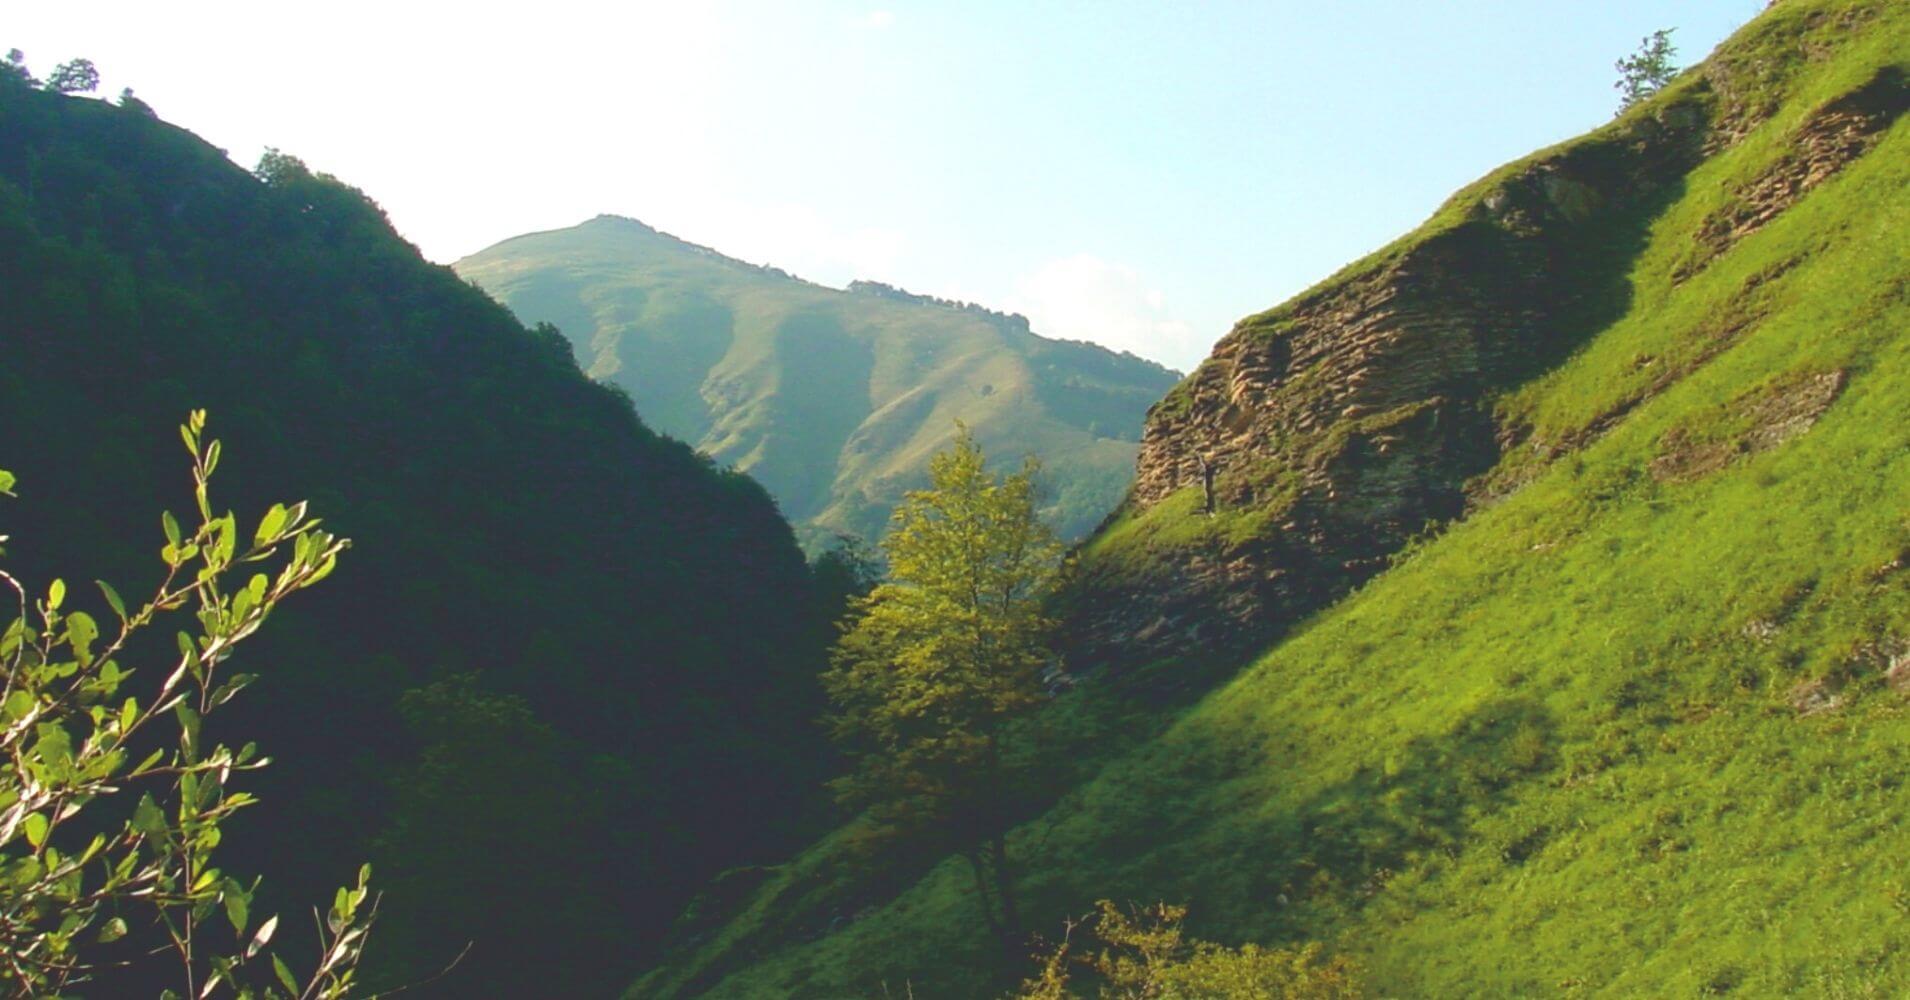 Gorges de Holtzarte. Larrau, Pirineos Atlánticos. Nueva Aquitania. Francia.